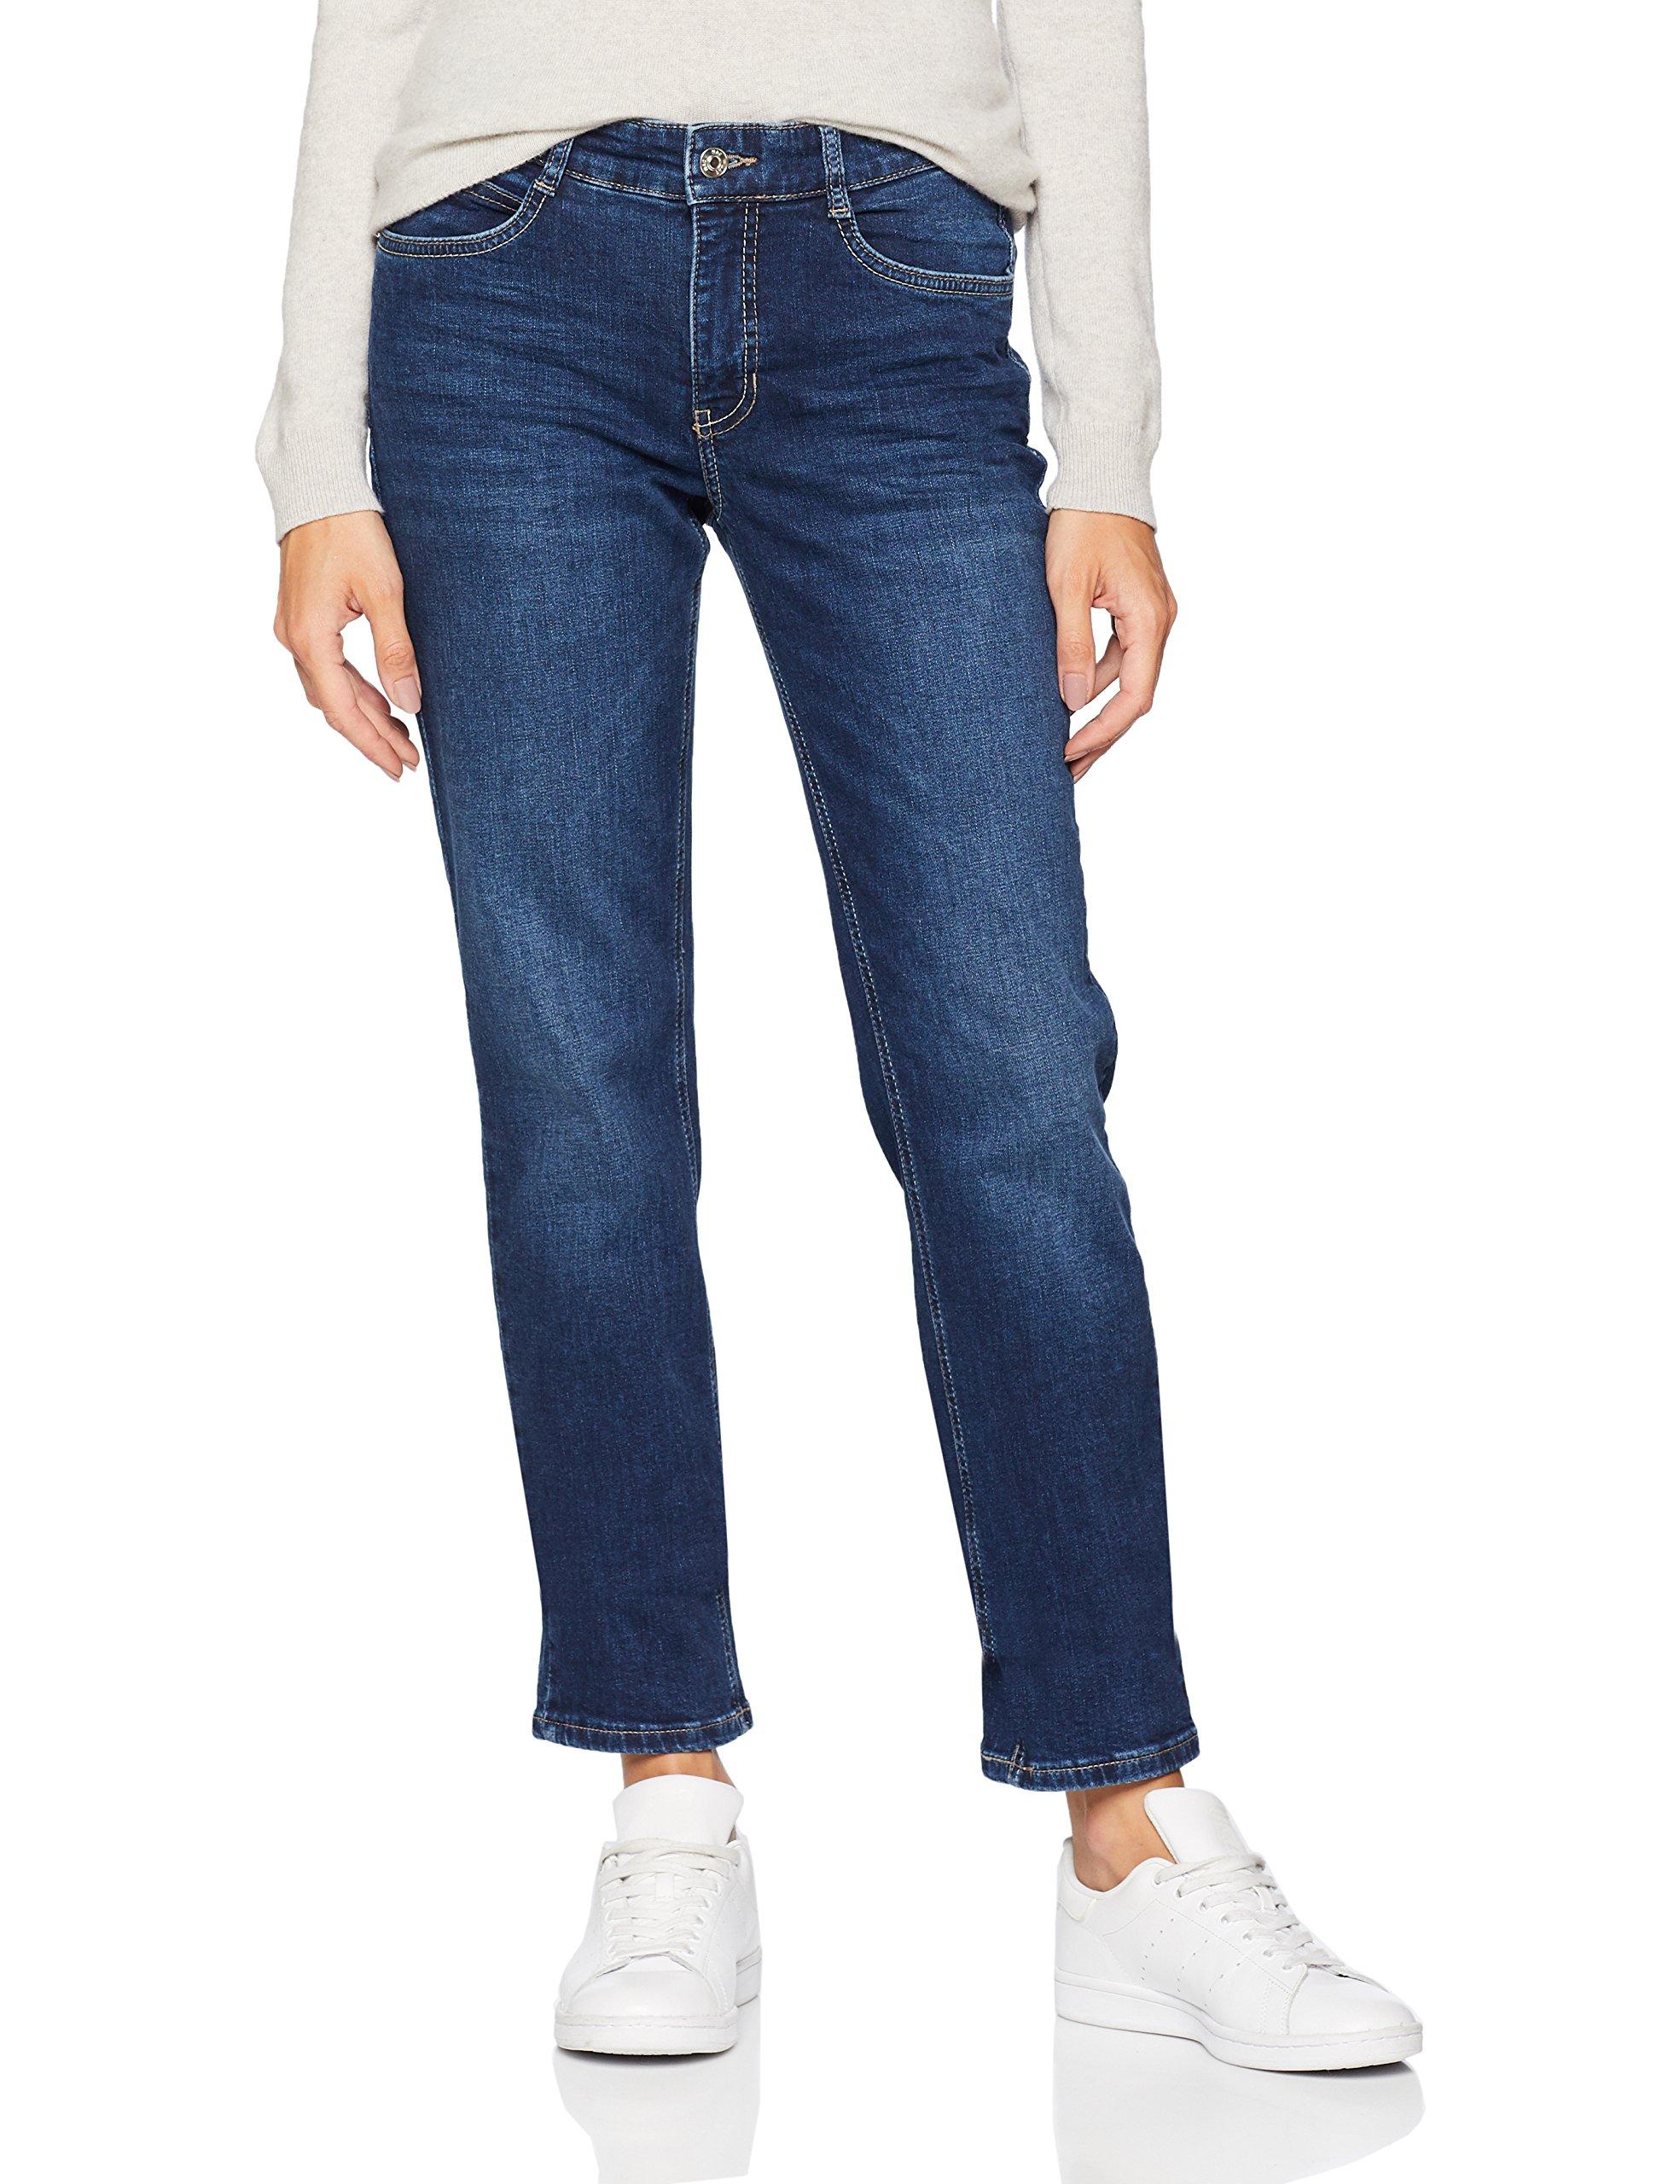 Mac FemmeBleunew Basic Slim AngelaJean D845W38 Wash l30 sCthdBQrxo